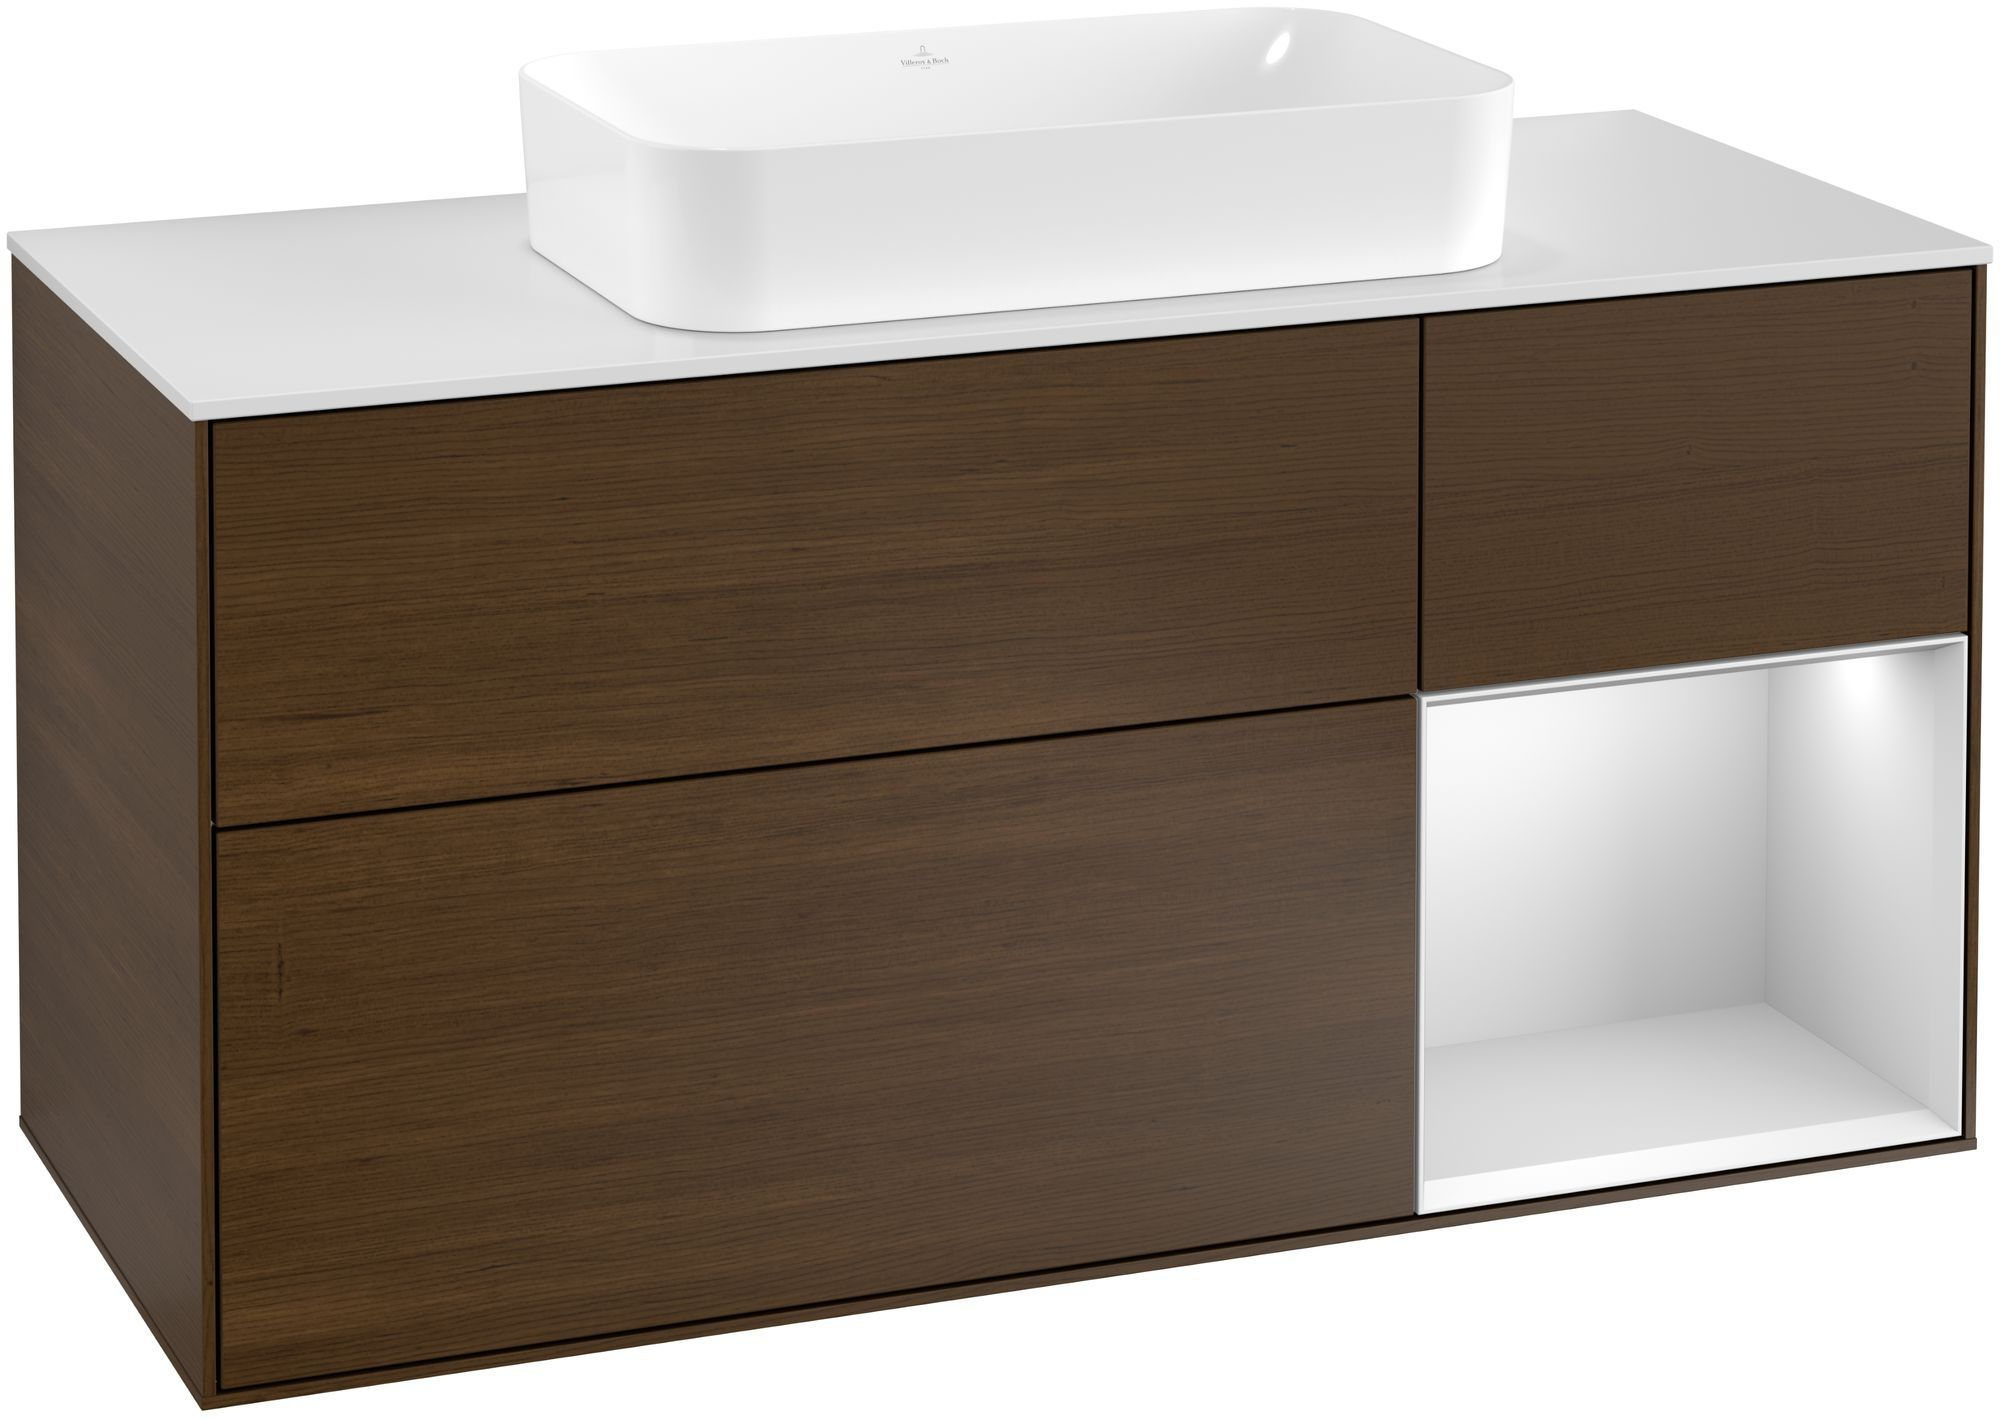 Villeroy & Boch Finion G30 Waschtischunterschrank mit Regalelement 3 Auszüge Waschtisch mittig LED-Beleuchtung B:120xH:60,3xT:50,1cm Front, Korpus: Walnut Veneer, Regal: Weiß Matt Soft Grey, Glasplatte: White Matt G301MTGN